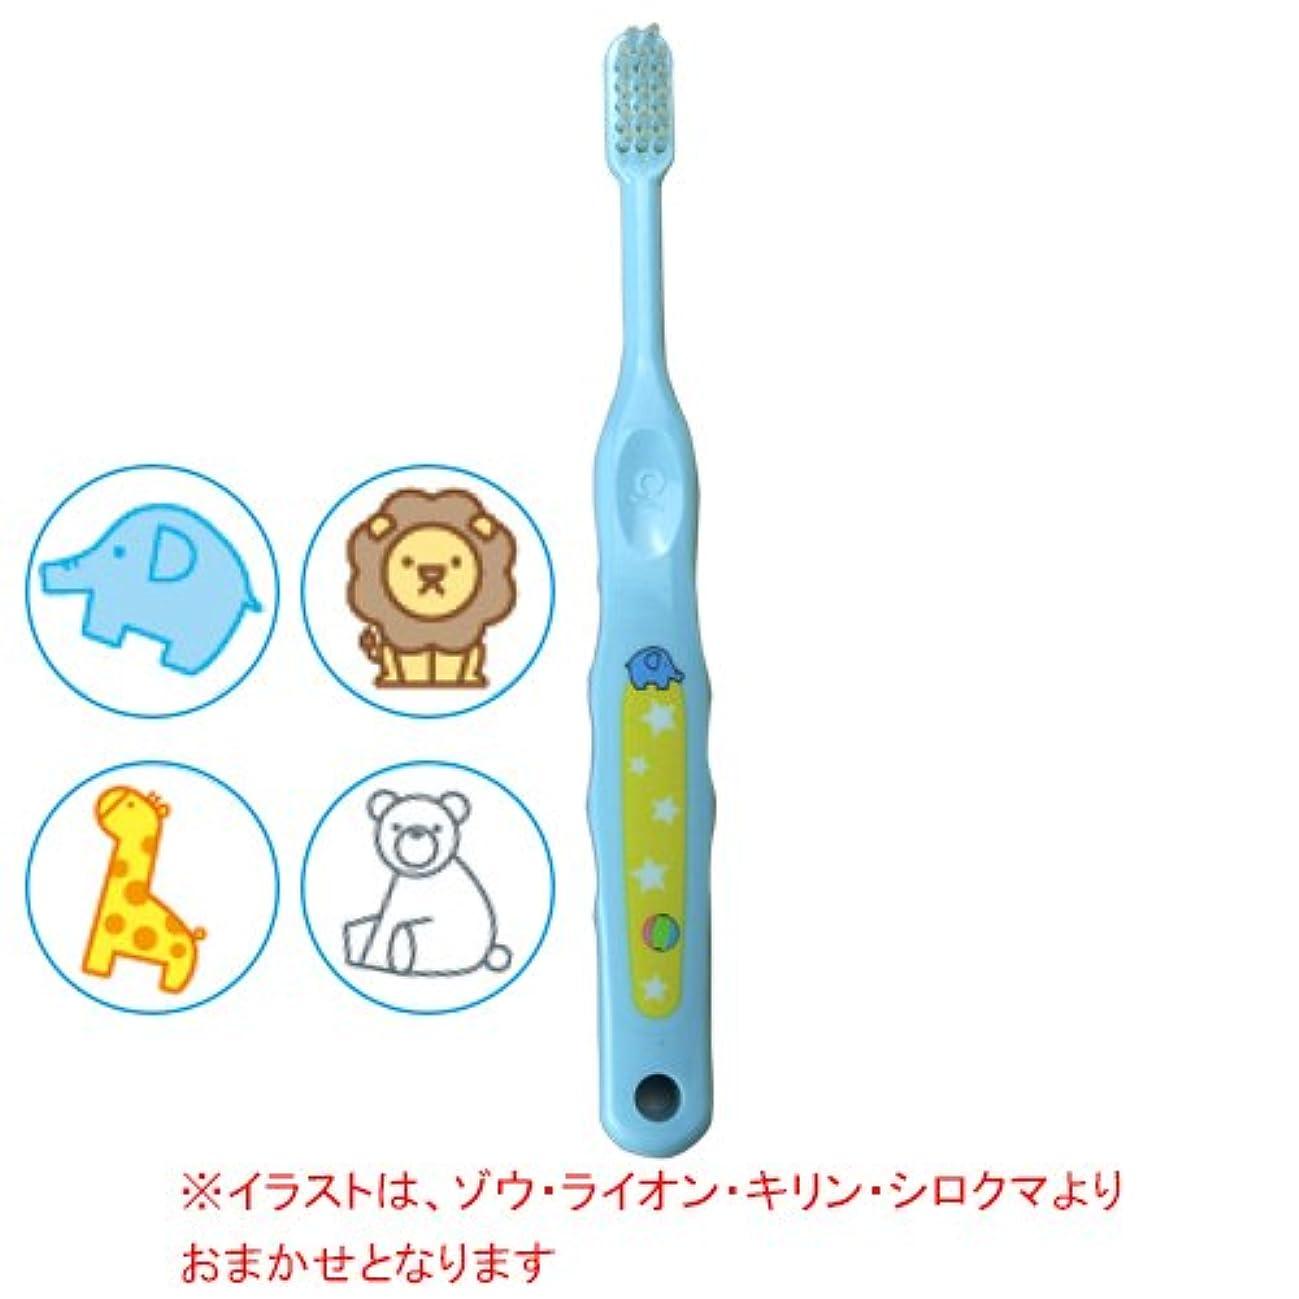 勝つ生産性待ってCiメディカル Ci なまえ歯ブラシ 503 (やわらかめ) (乳児から小学生向)1本 (ブルー)